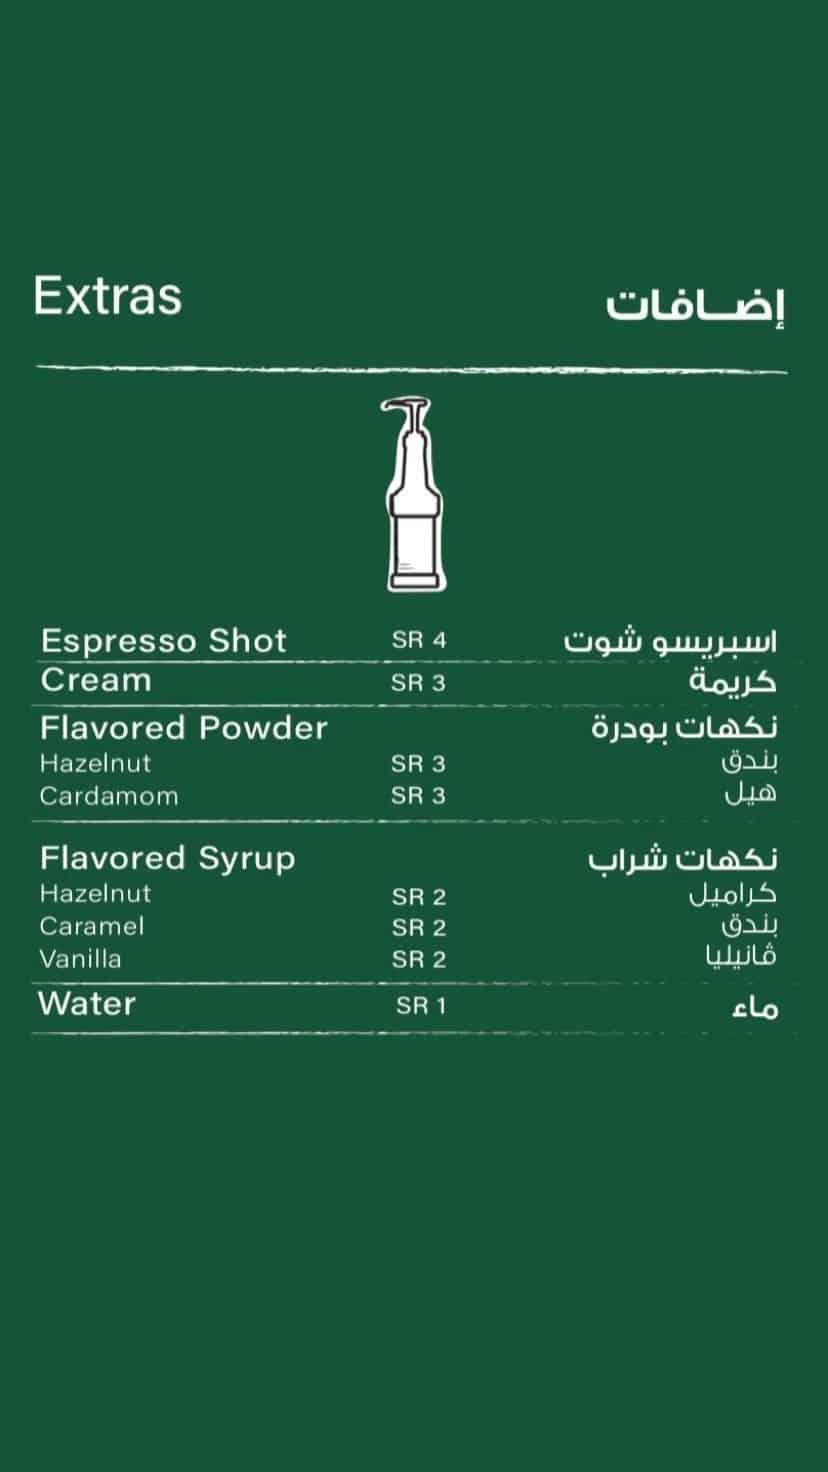 مشروبات بارنيز دليل شامل يضم أدق التفاصيل حول أشهى المشروبات